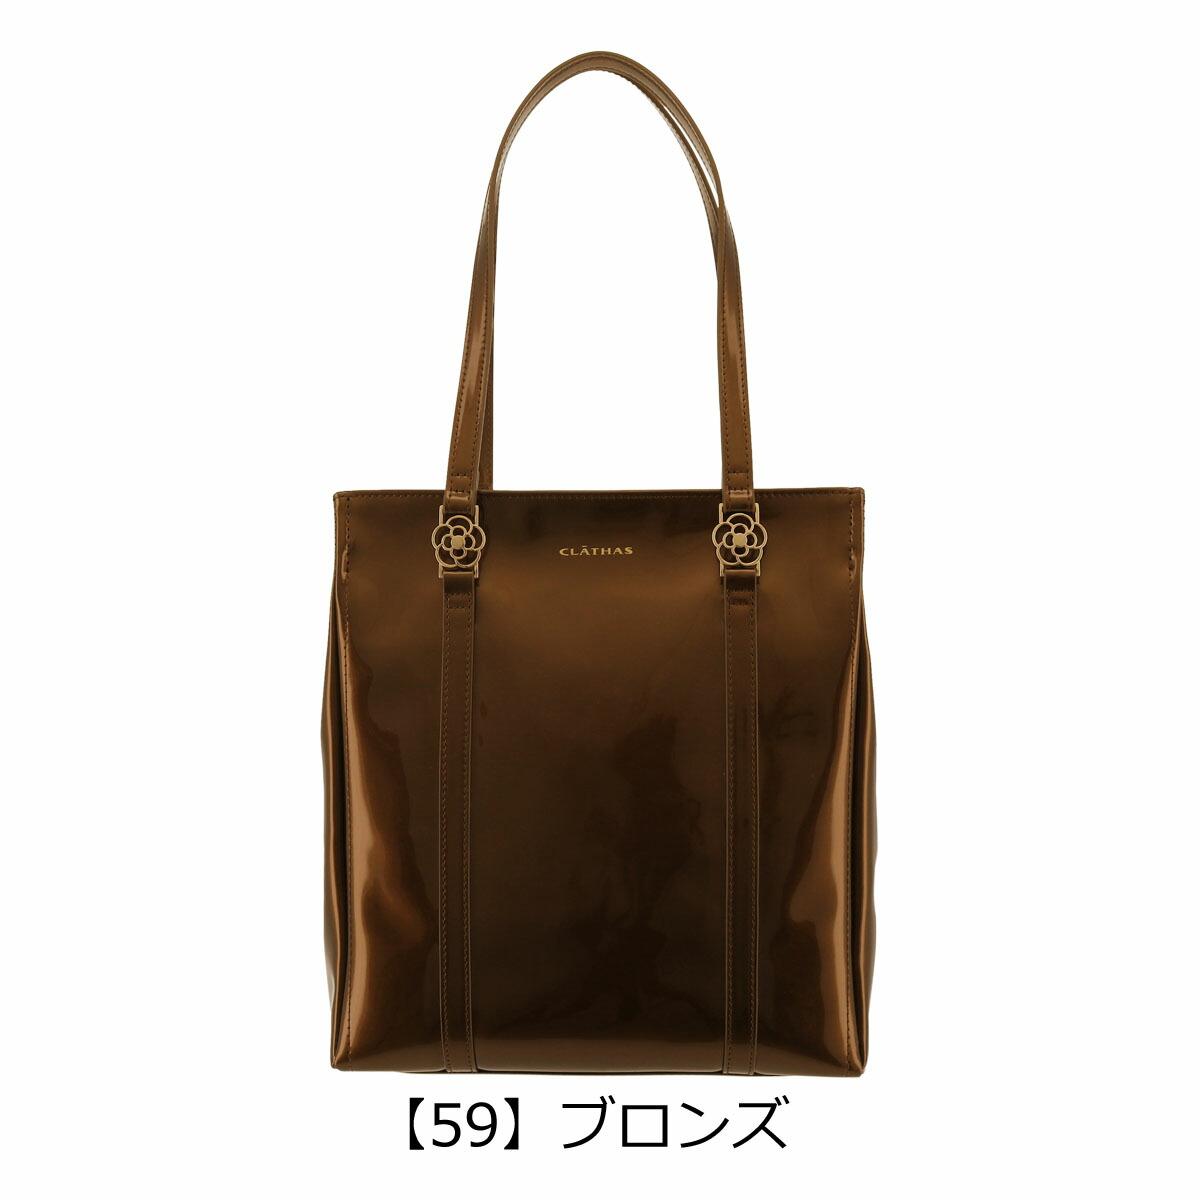 【59】ブロンズ